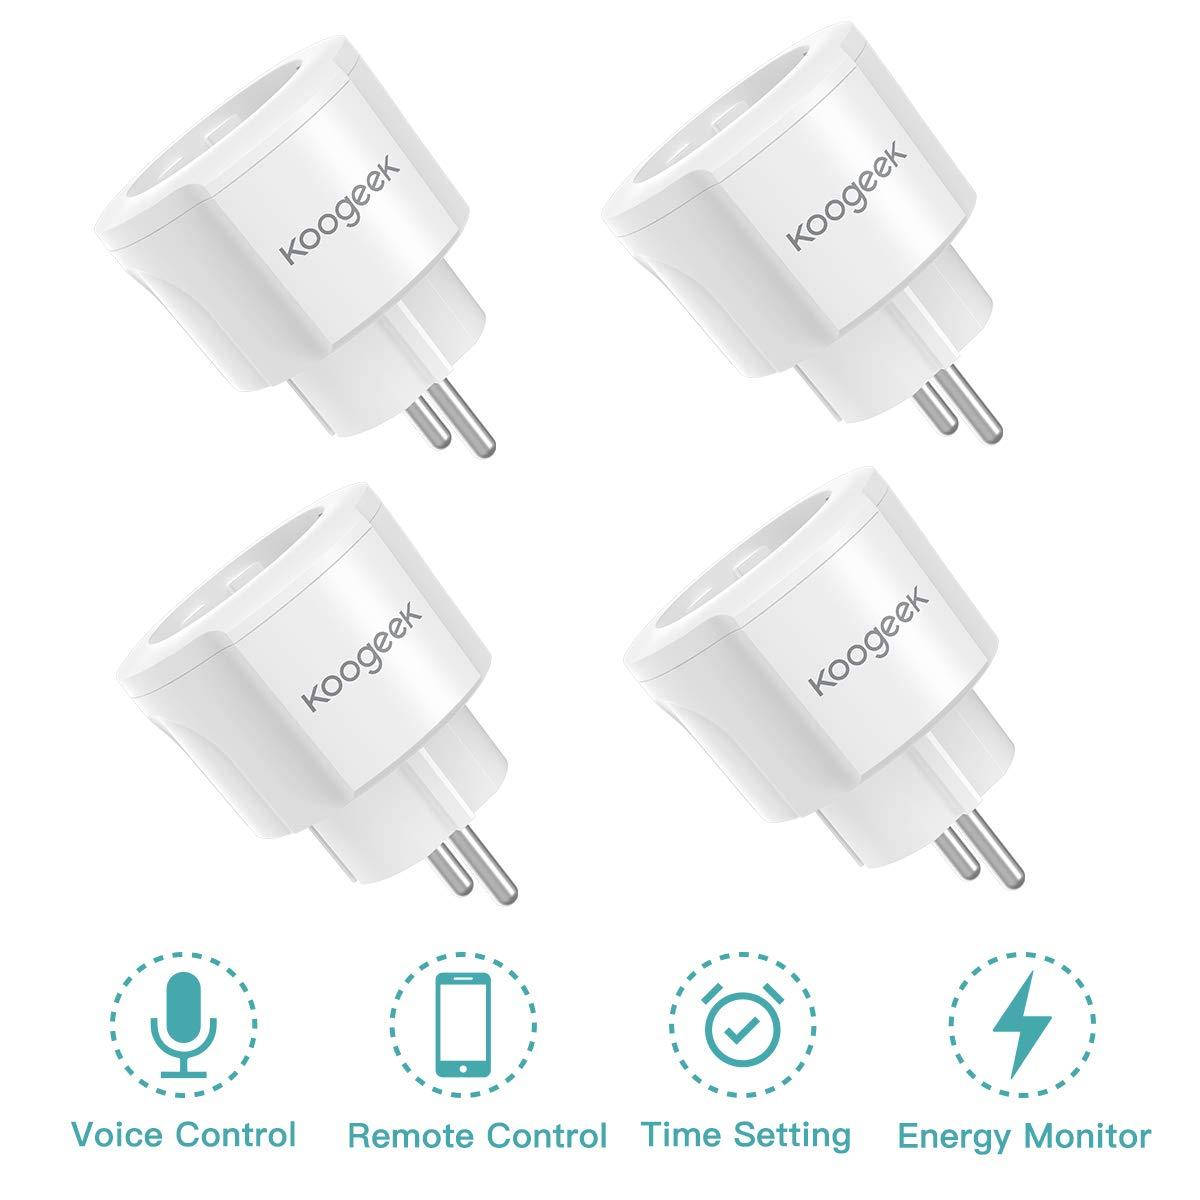 Smart Plug Koogeek Intelligente Steckdose (4 Packs)